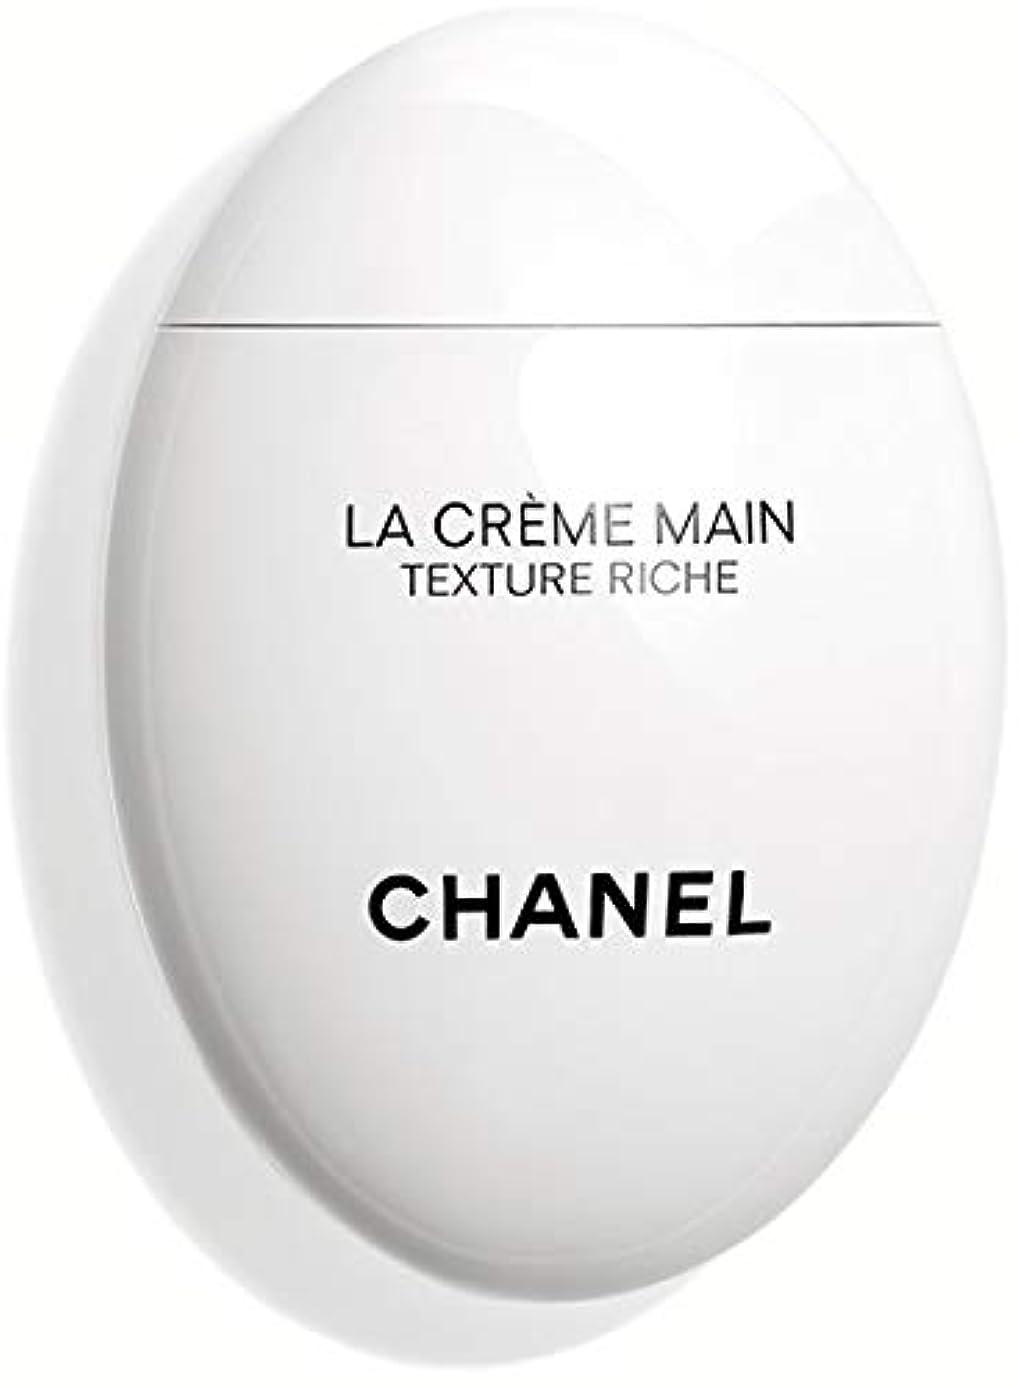 港何認証CHANEL LA CREME MAIN TEXTURE RICHE シャネル ラ クレーム マン リッシュ ハンドクリーム (リッチ)50ml オリジナルラッピング&ショップバッグ